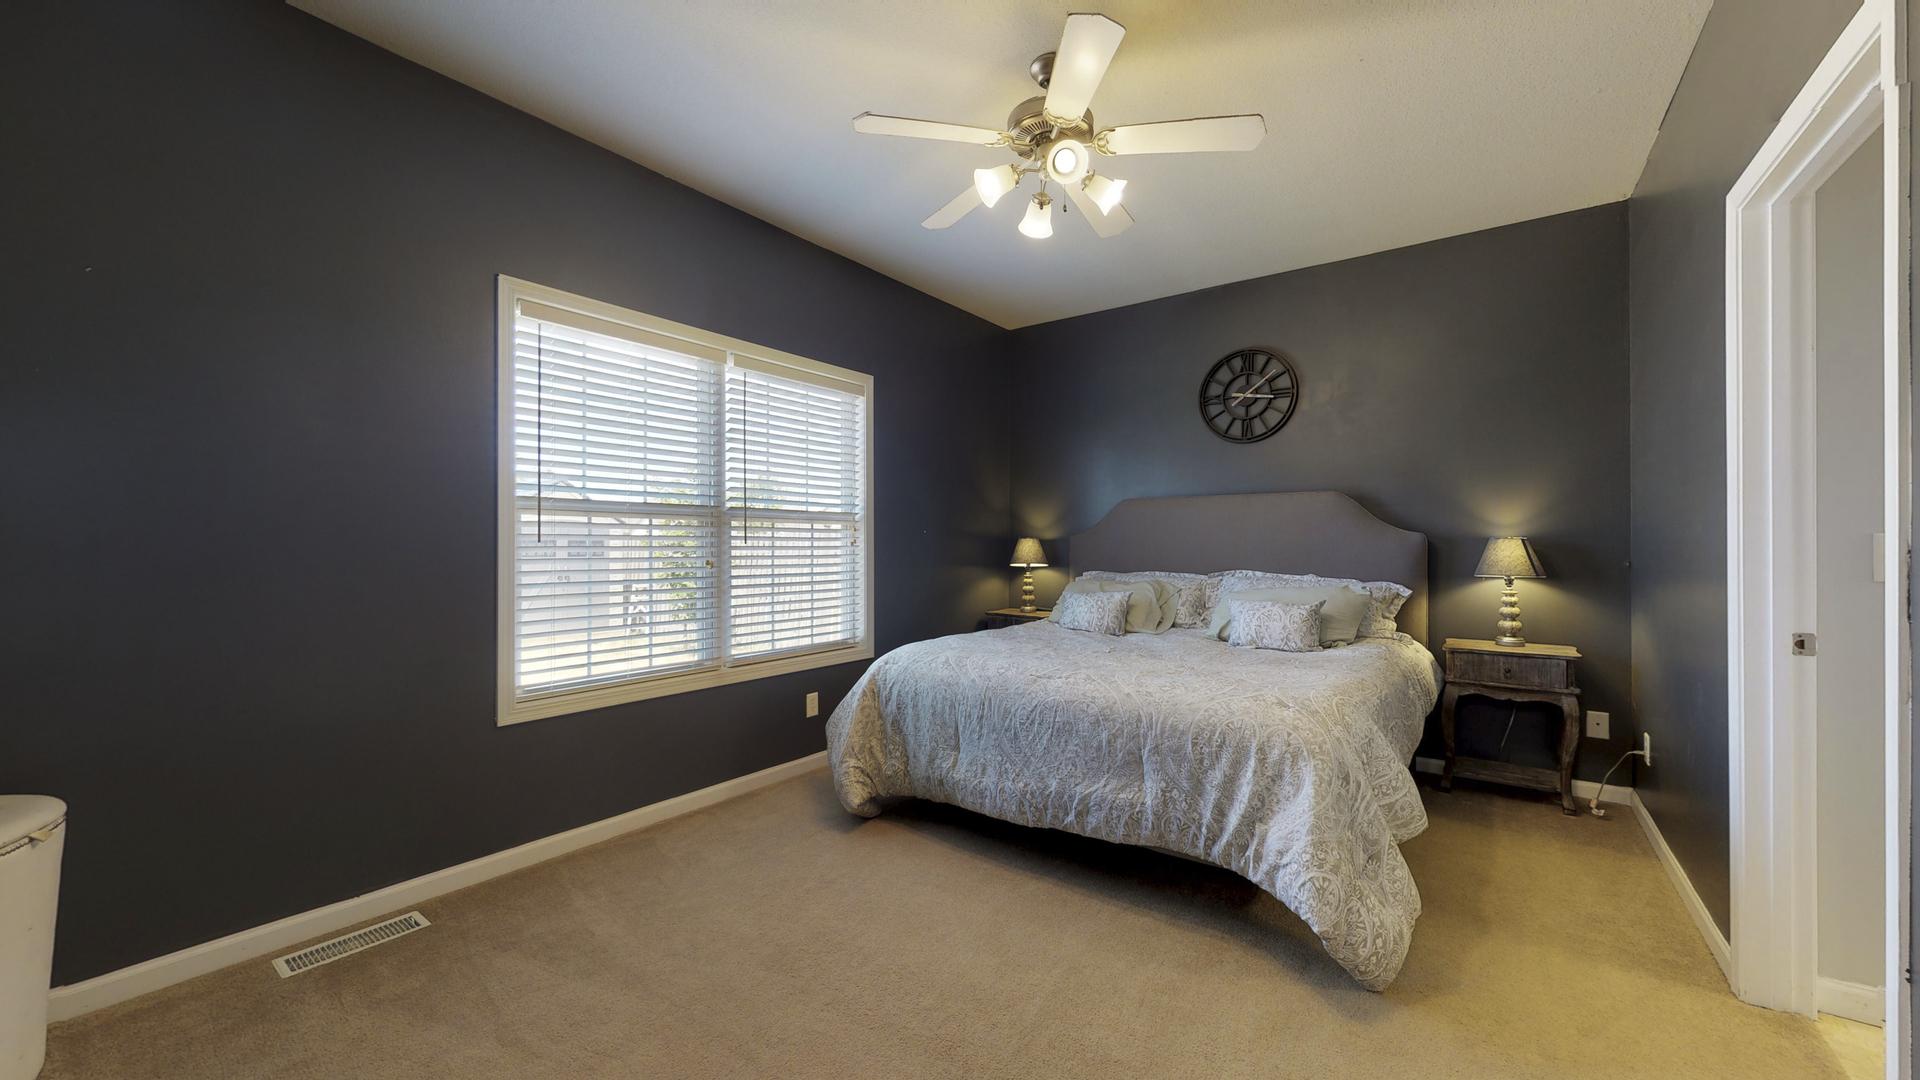 3802 Sandstone, Champaign, Illinois, 61822